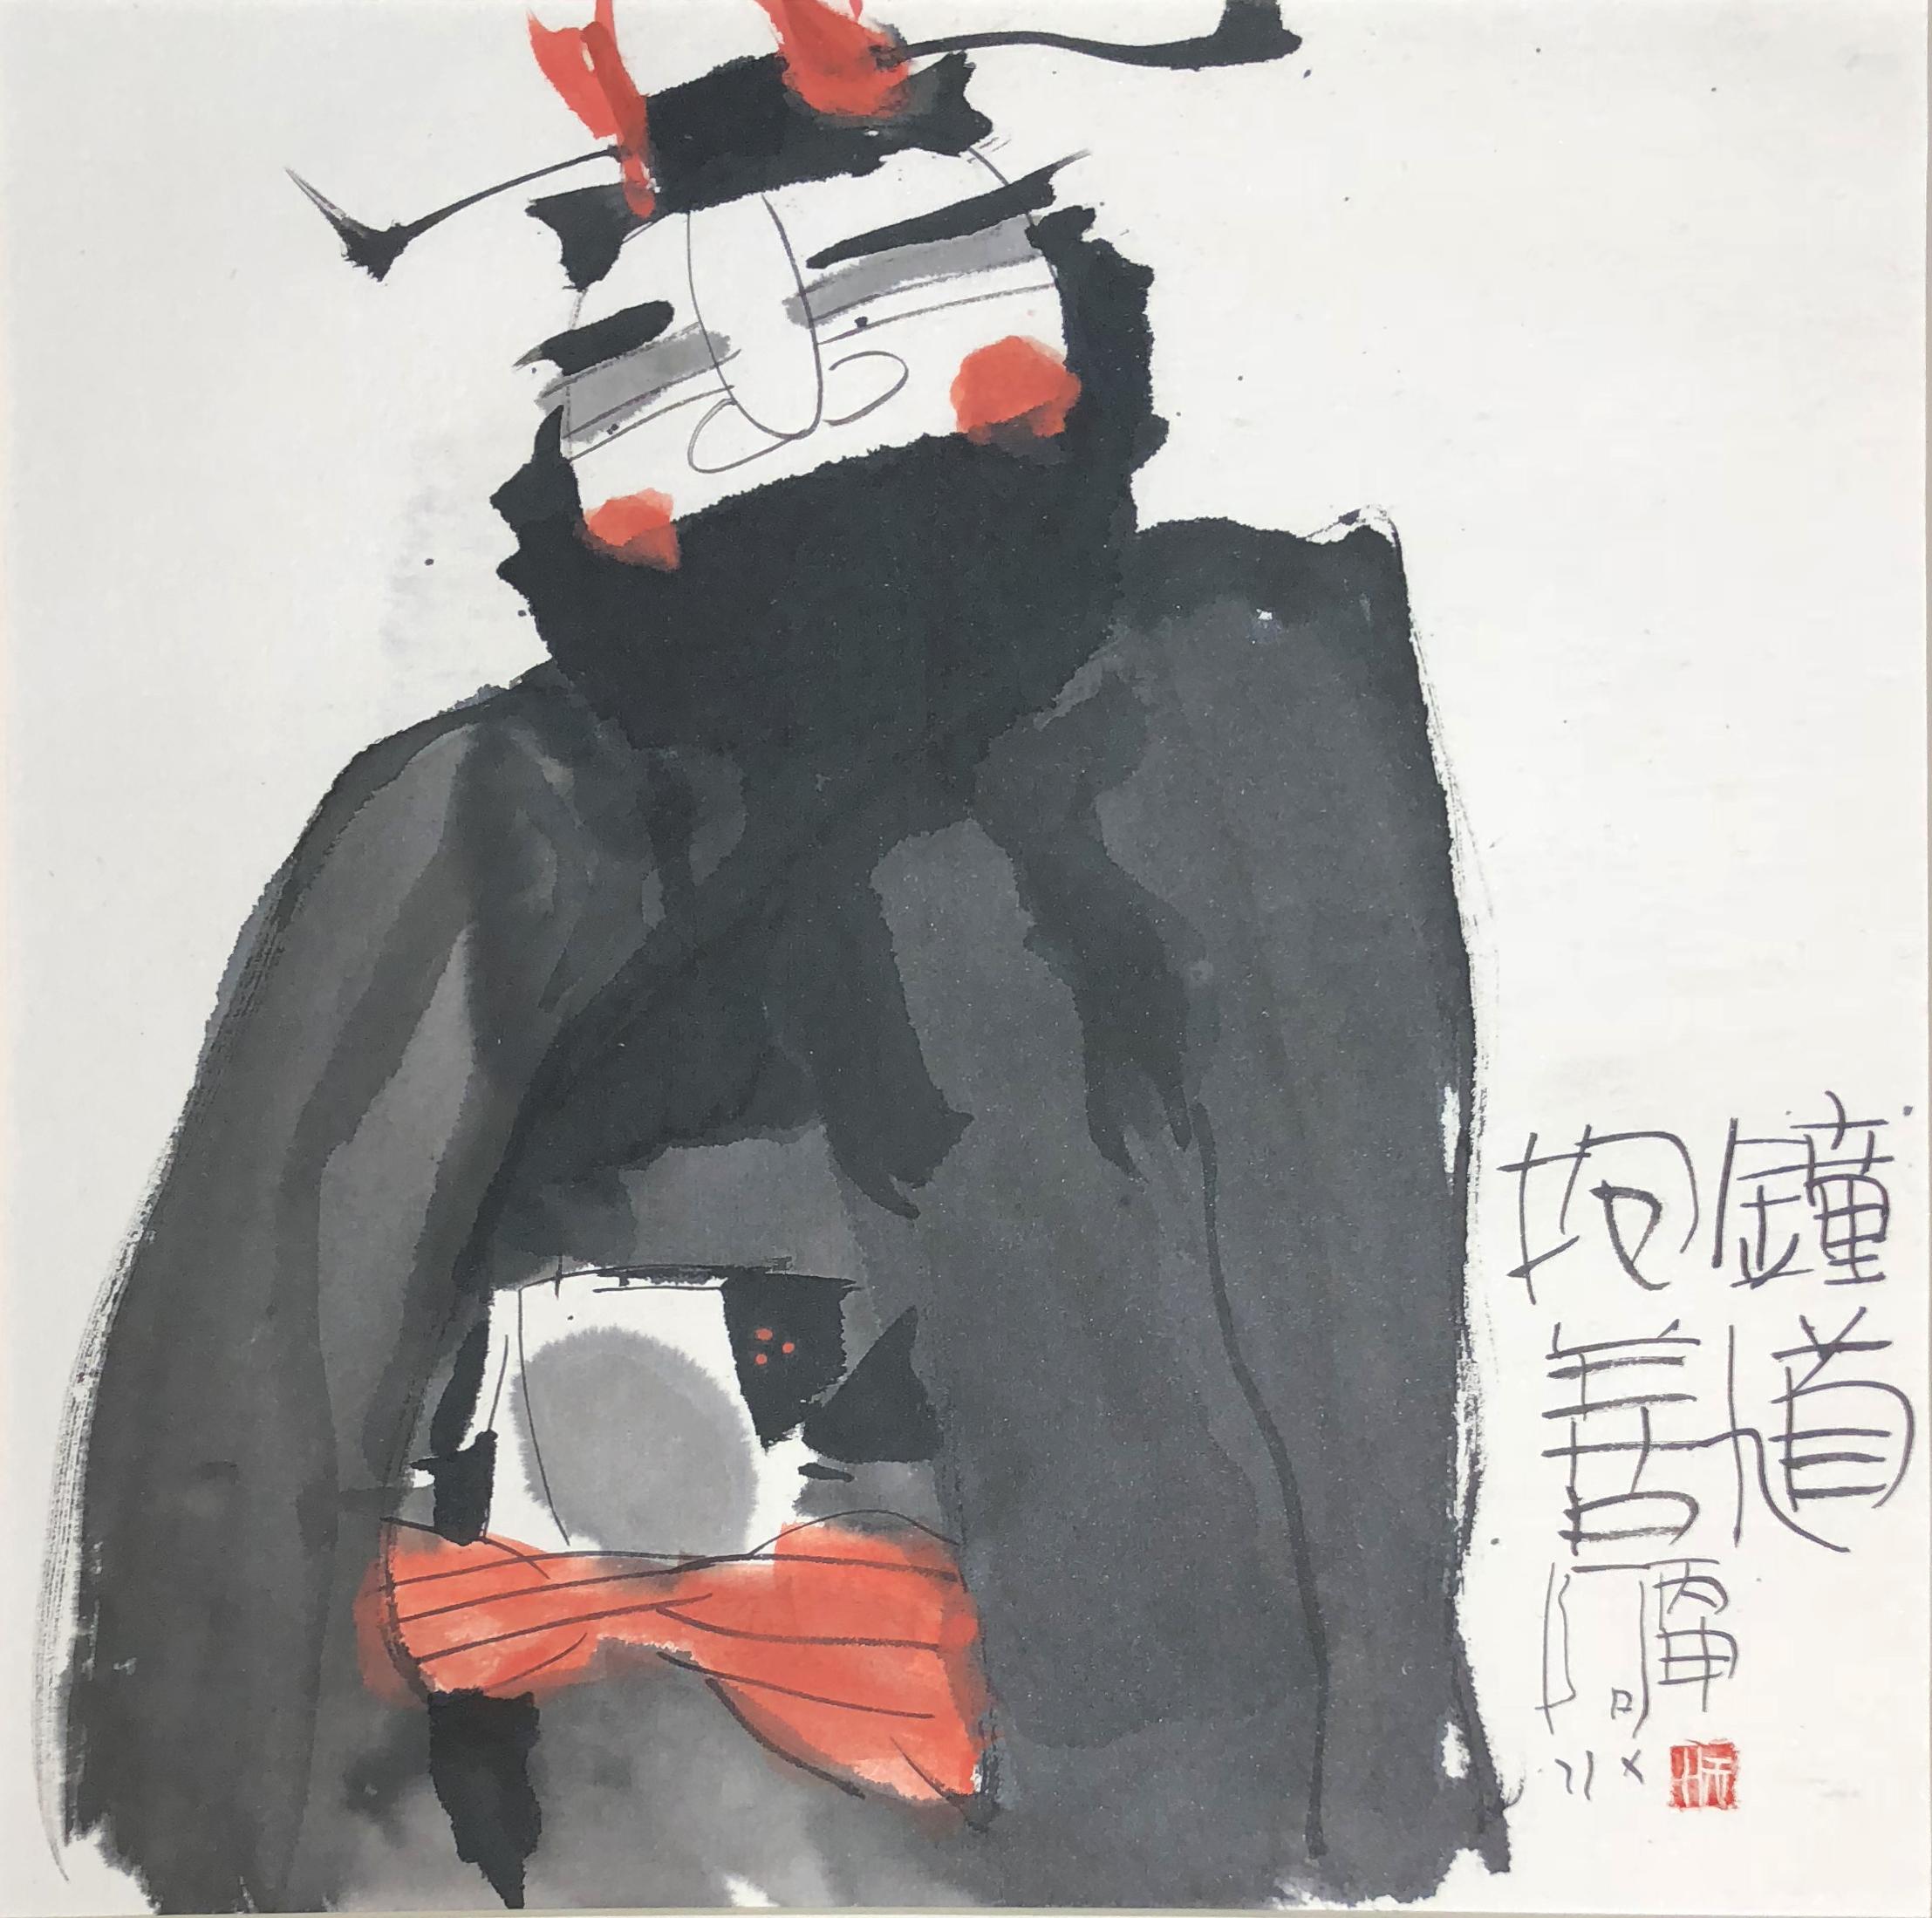 鍾馗抱善 Zhong Kui